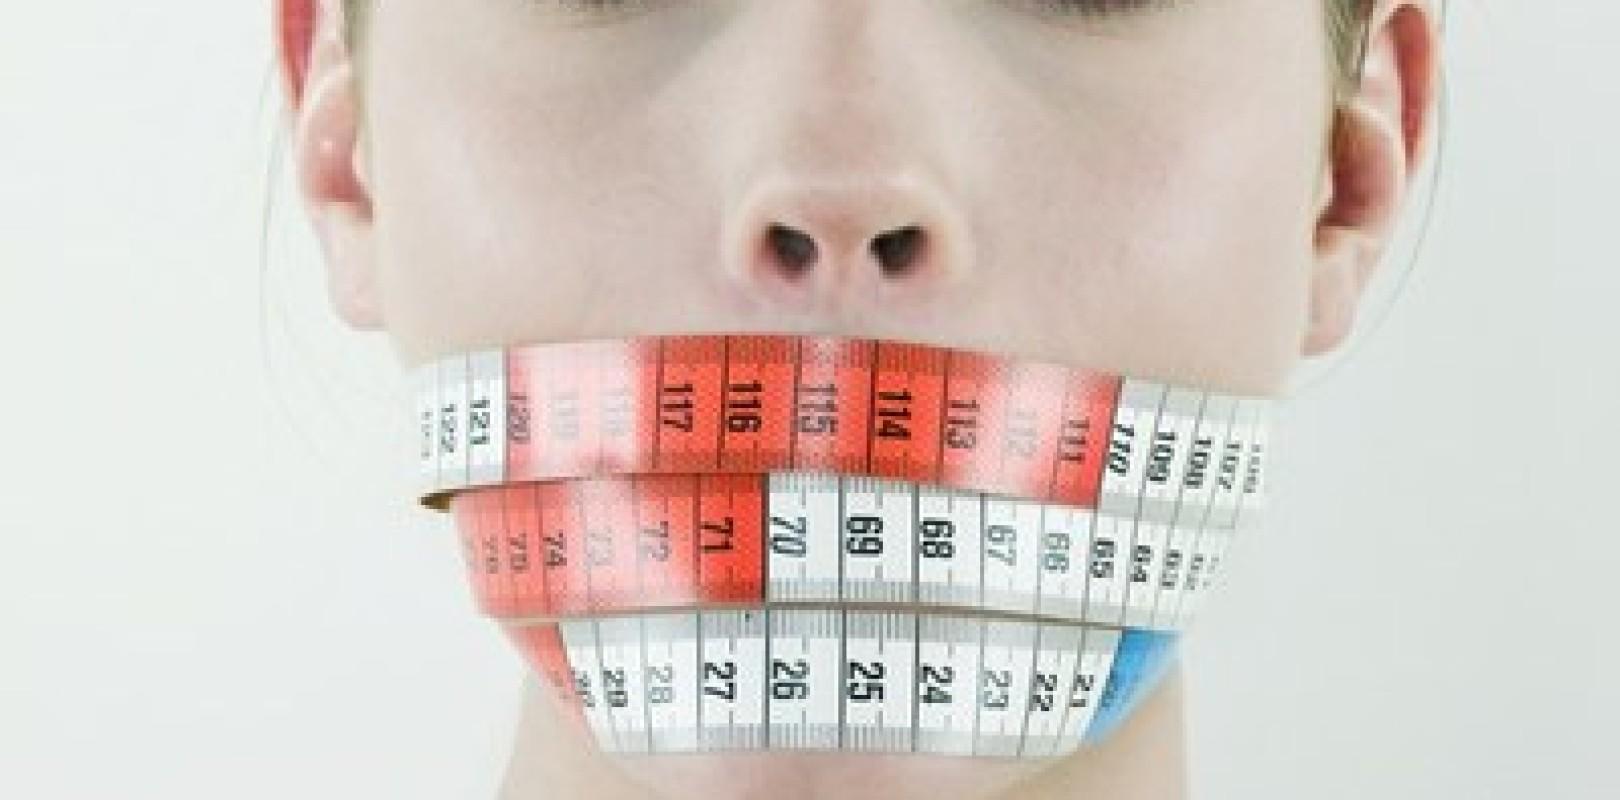 Sauter un repas permet de perdre du poids